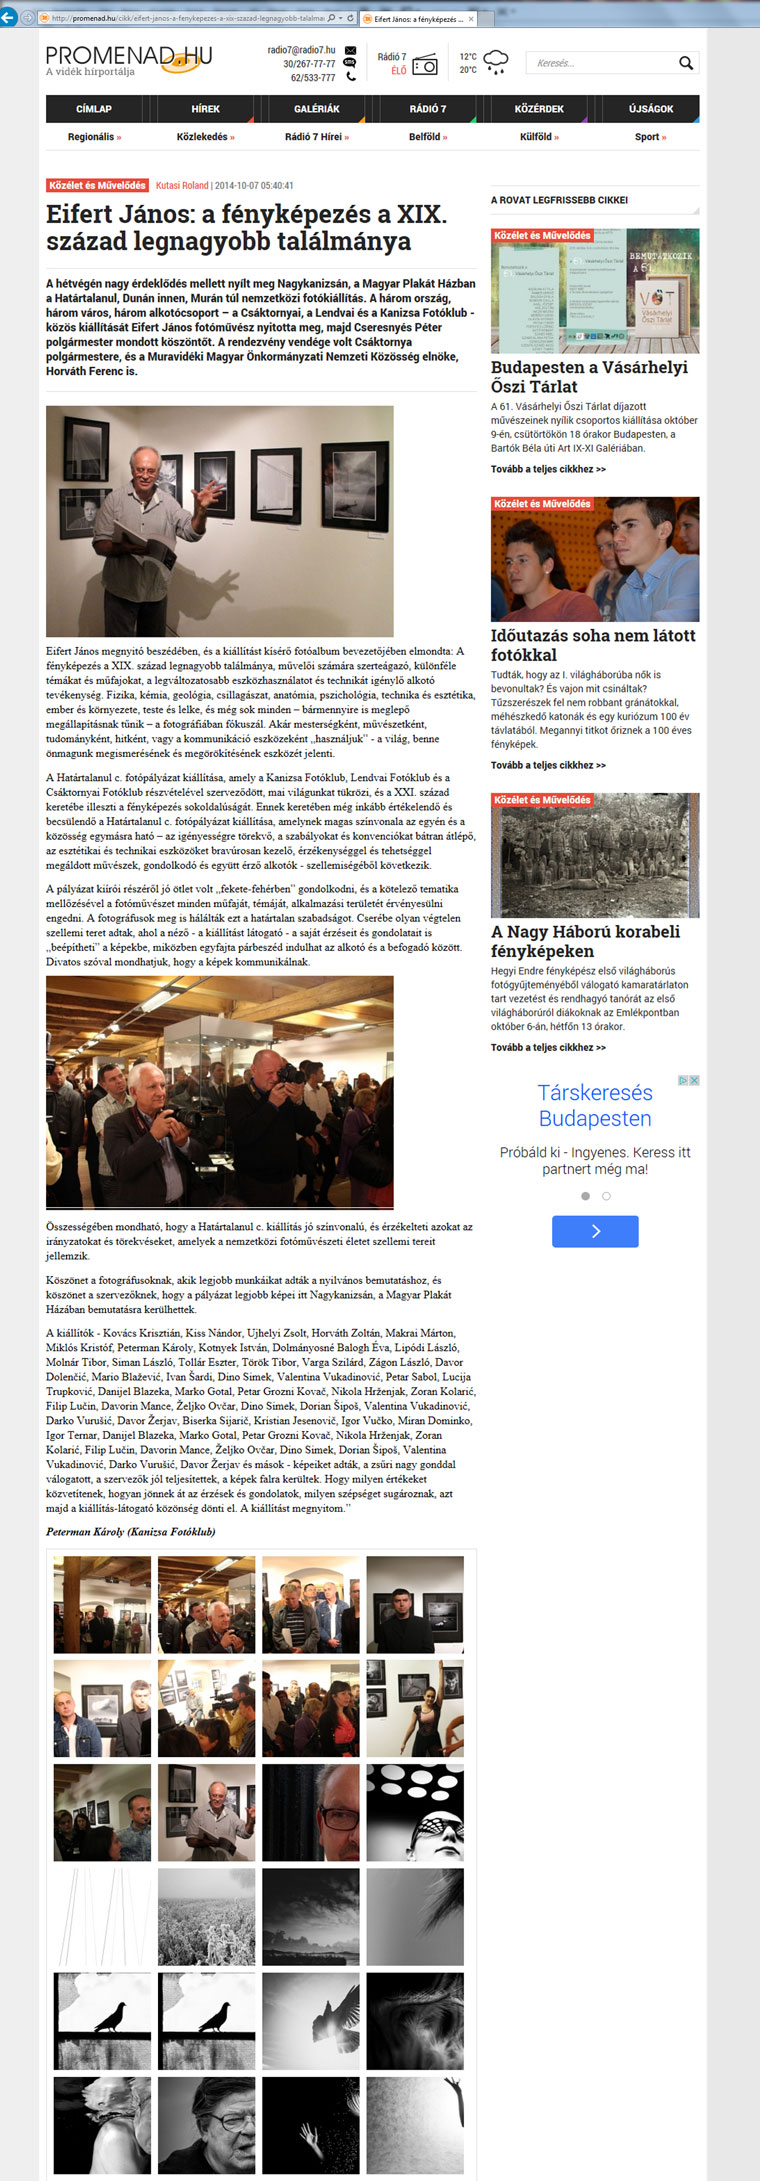 2014.10.07.-Promenad.hu_A-fényképezés-a-XIX.-sz-legnagyobb-találmánya